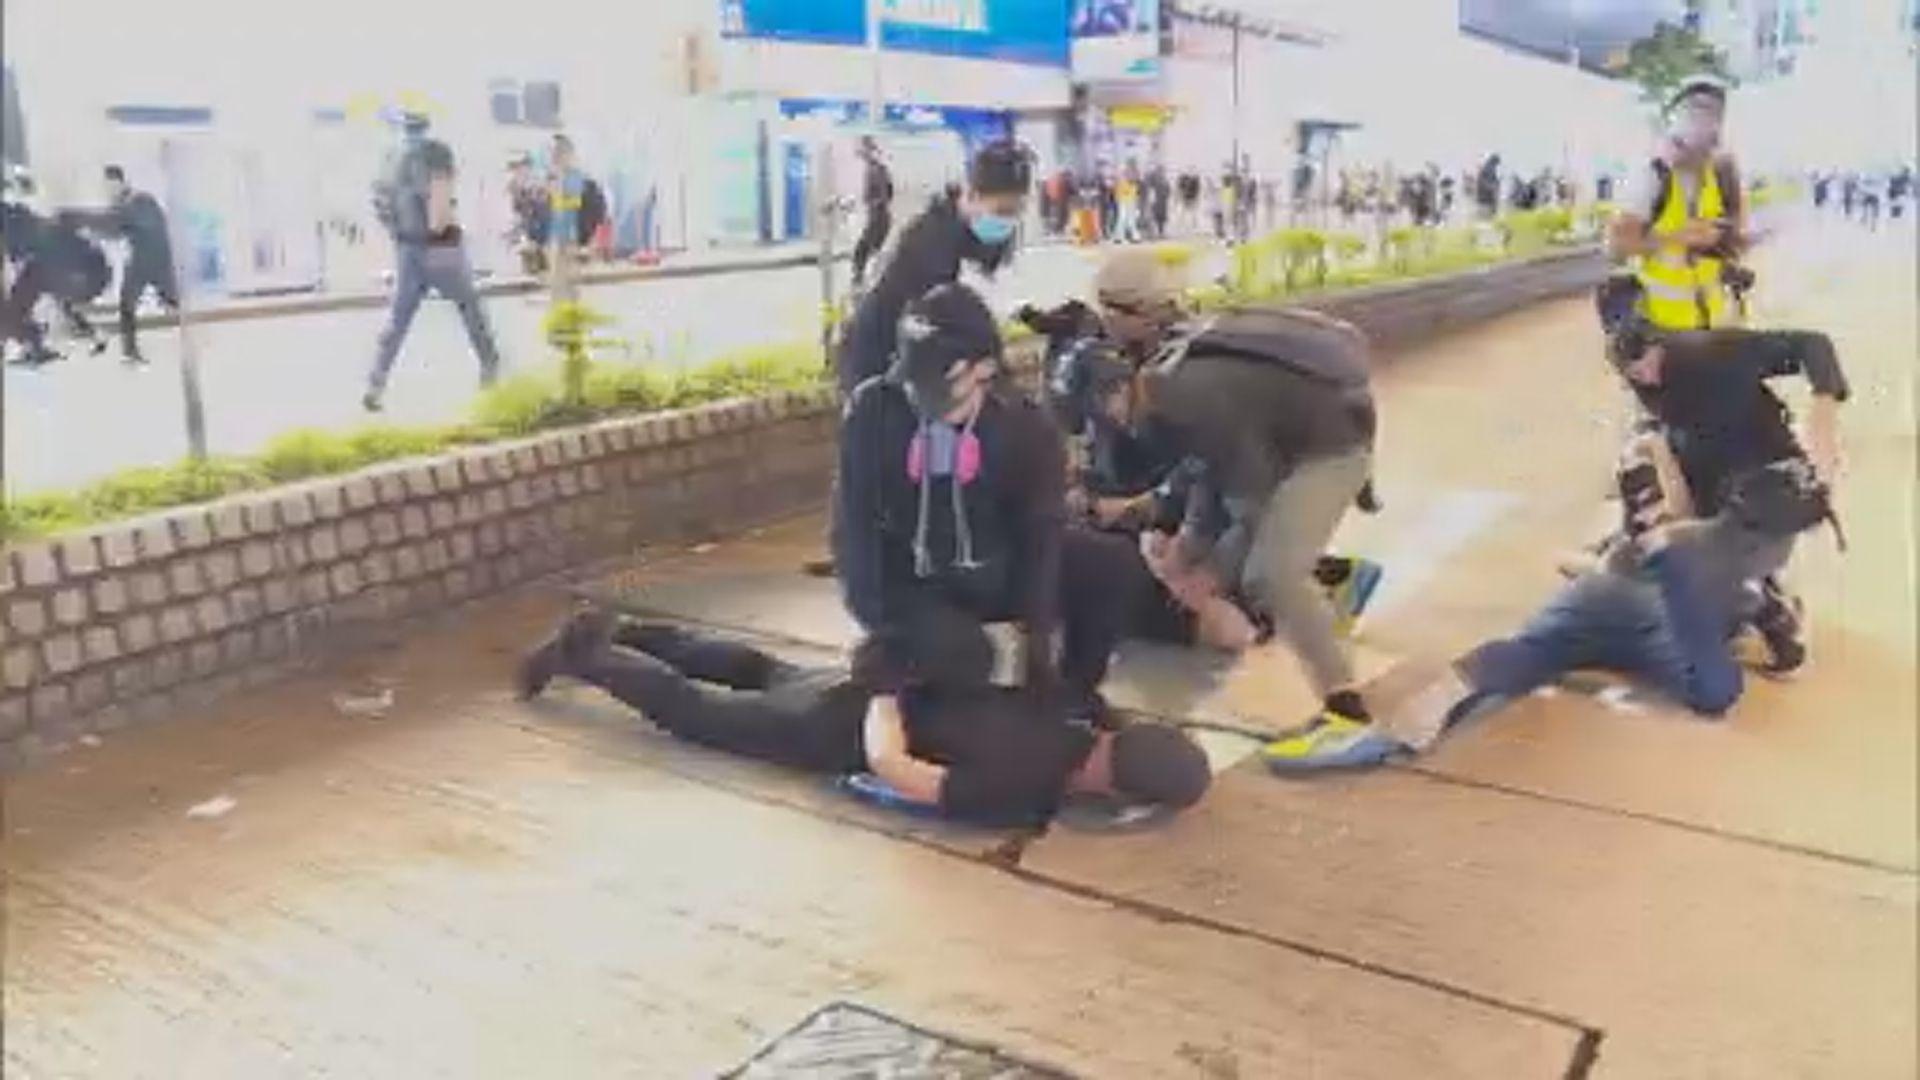 示威者指黑衣人挑起衝突疑警員早已混入